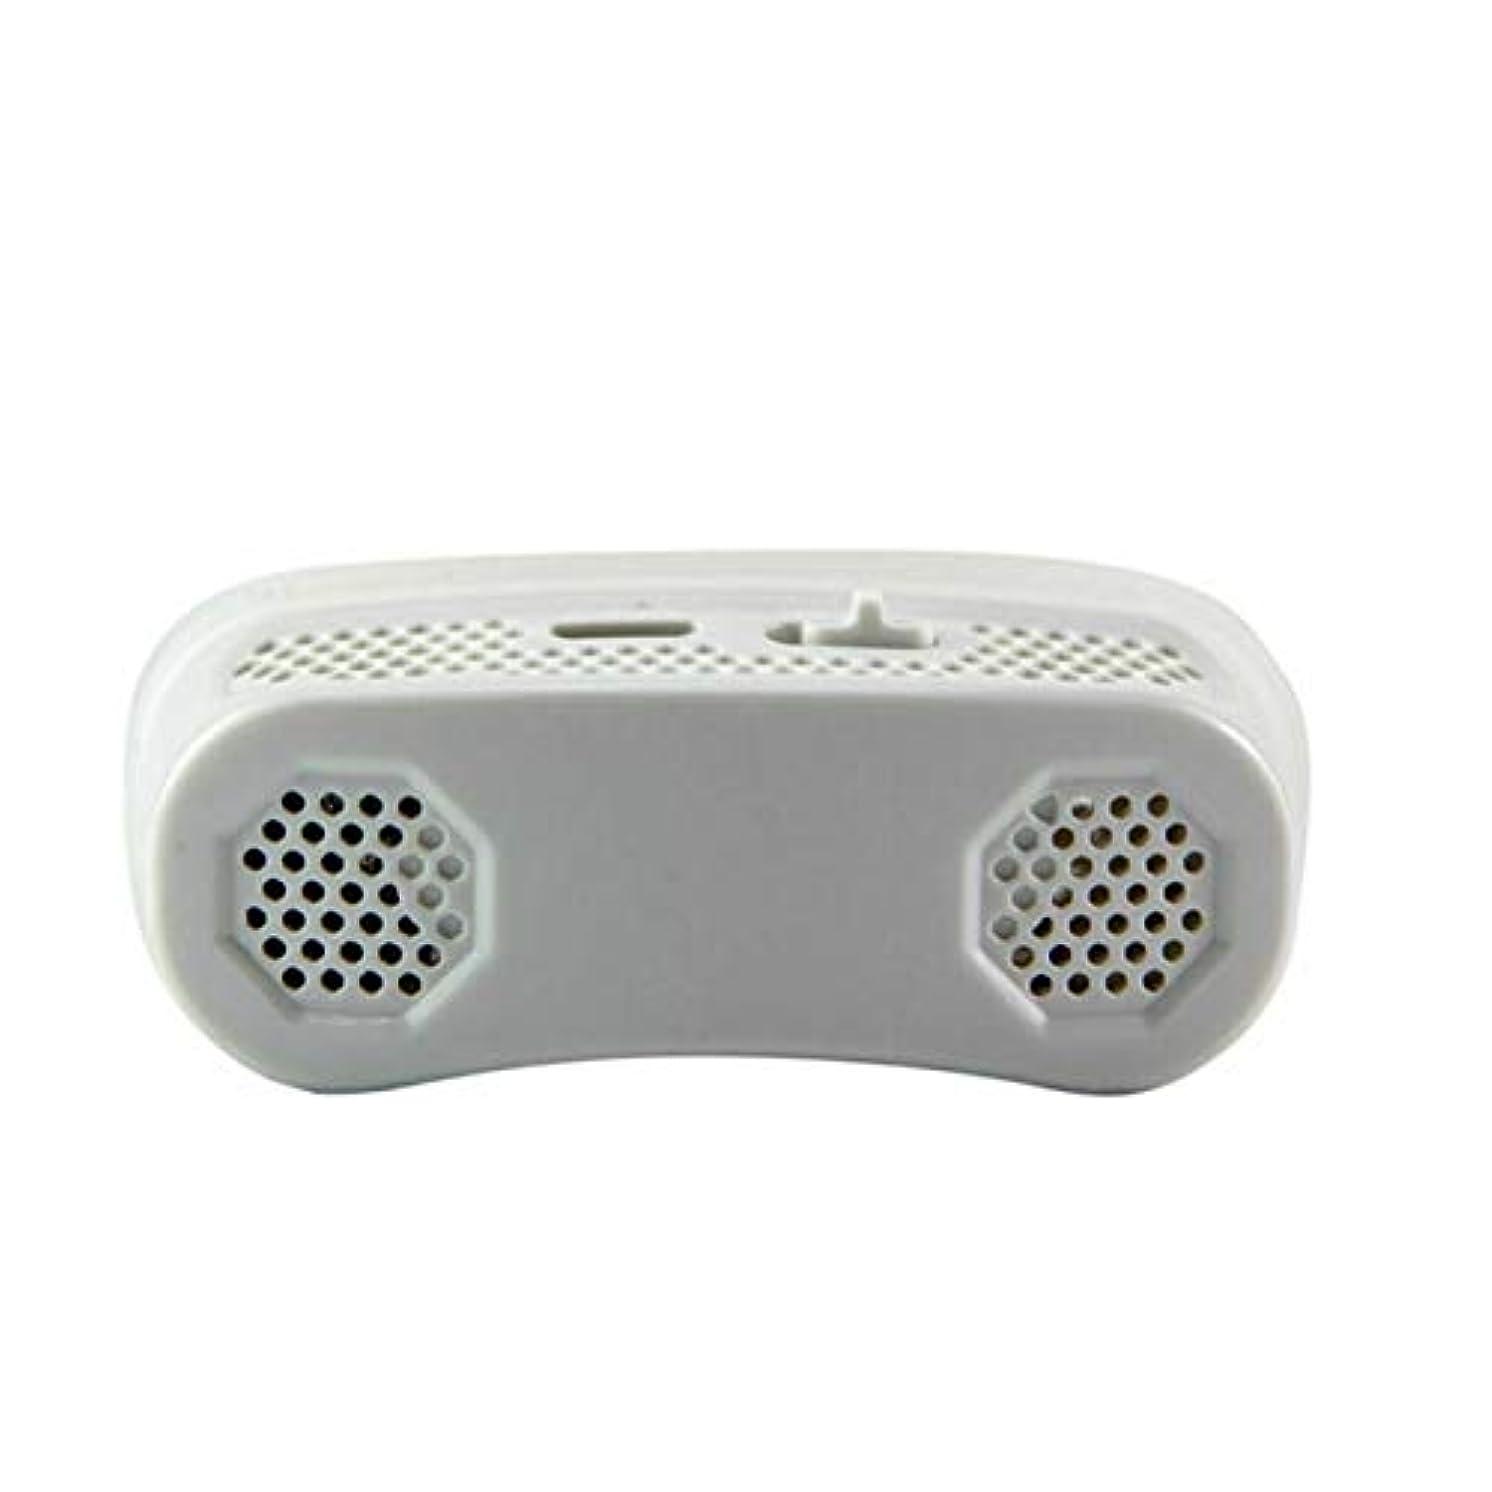 ストライド脅かすマザーランドDeeploveUU 睡眠時無呼吸止めいびき止め栓のためのマイクロCPAPのいびき防止の電子機器